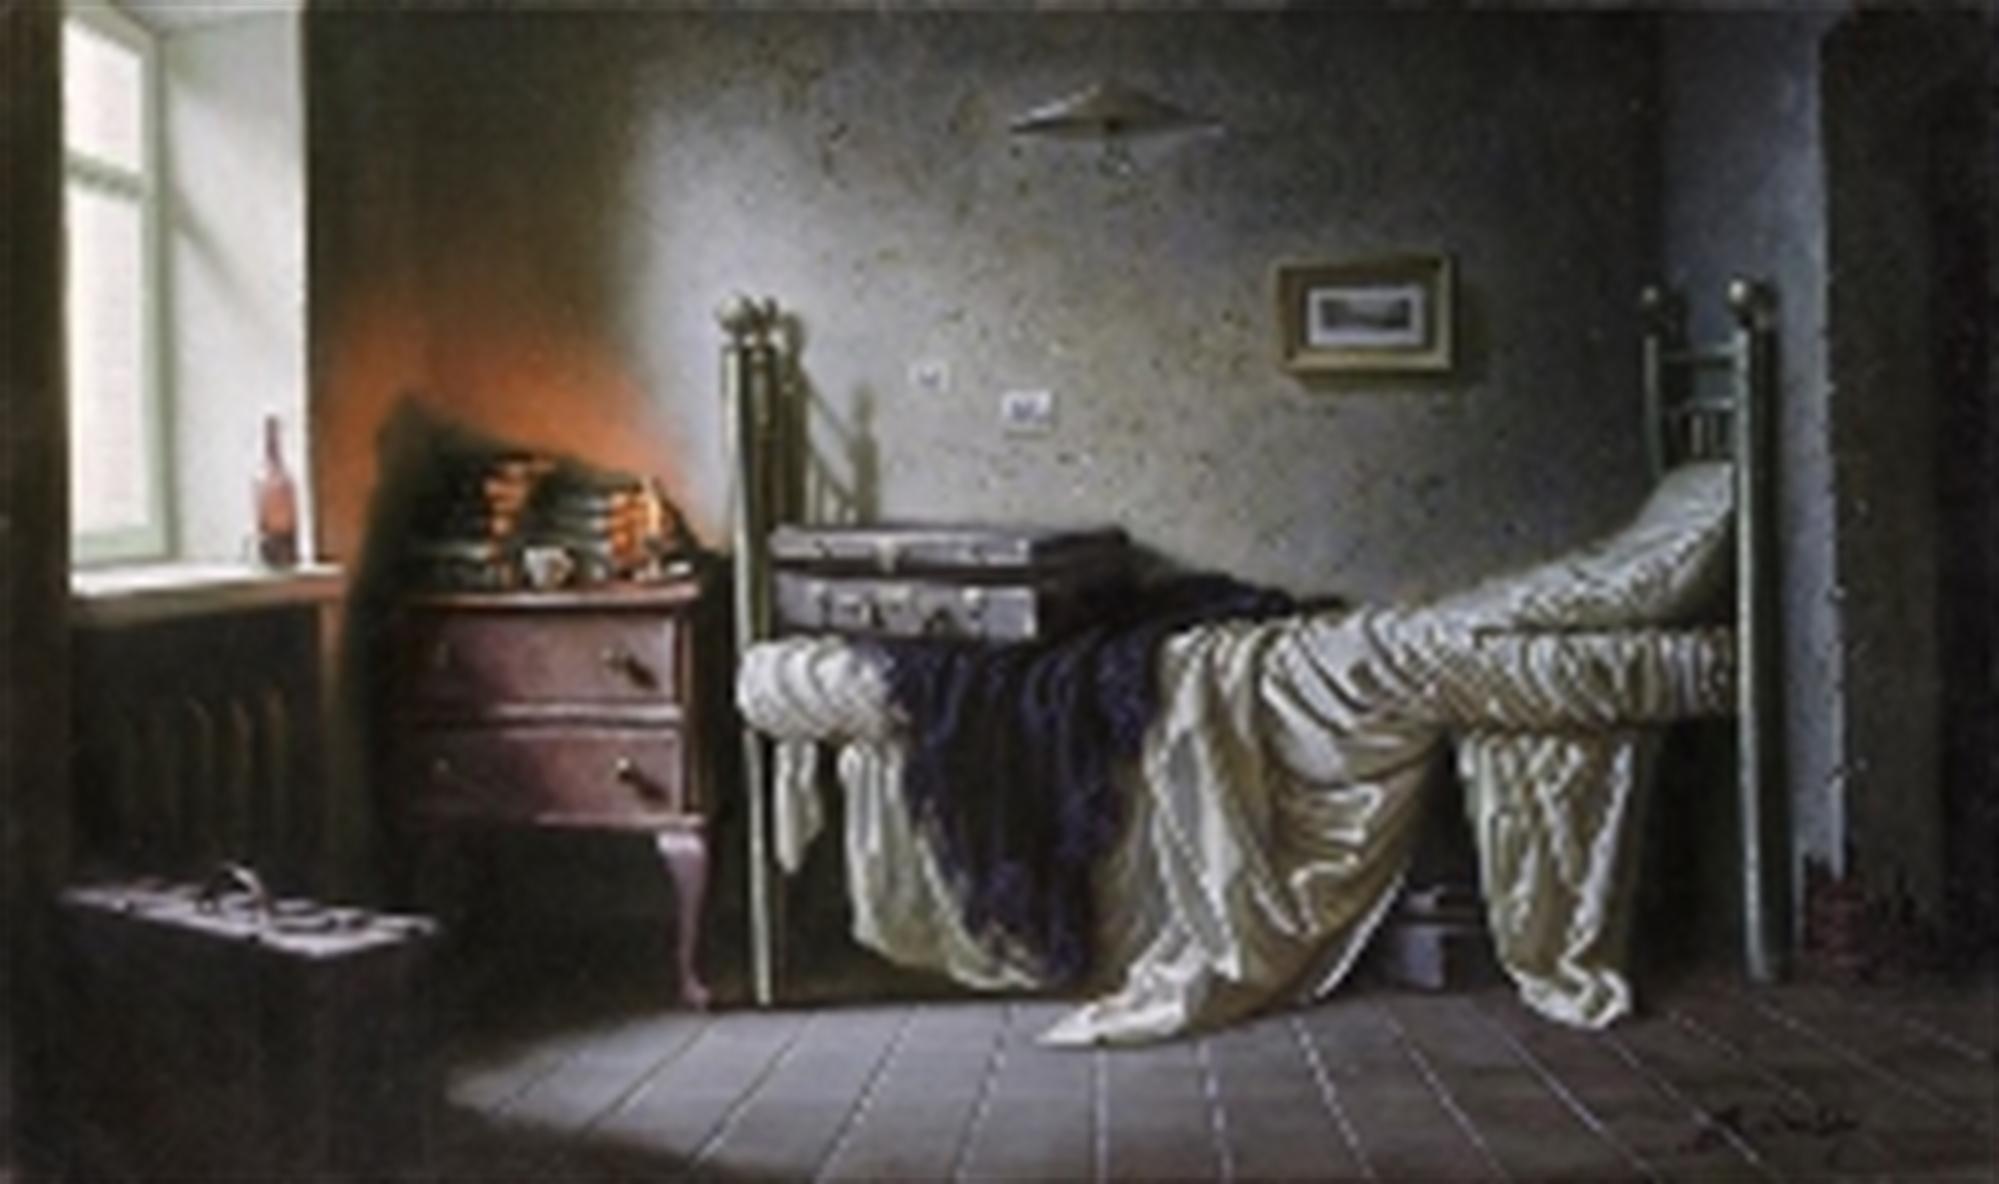 Wistful Contemplation by Alexei Butirskiy